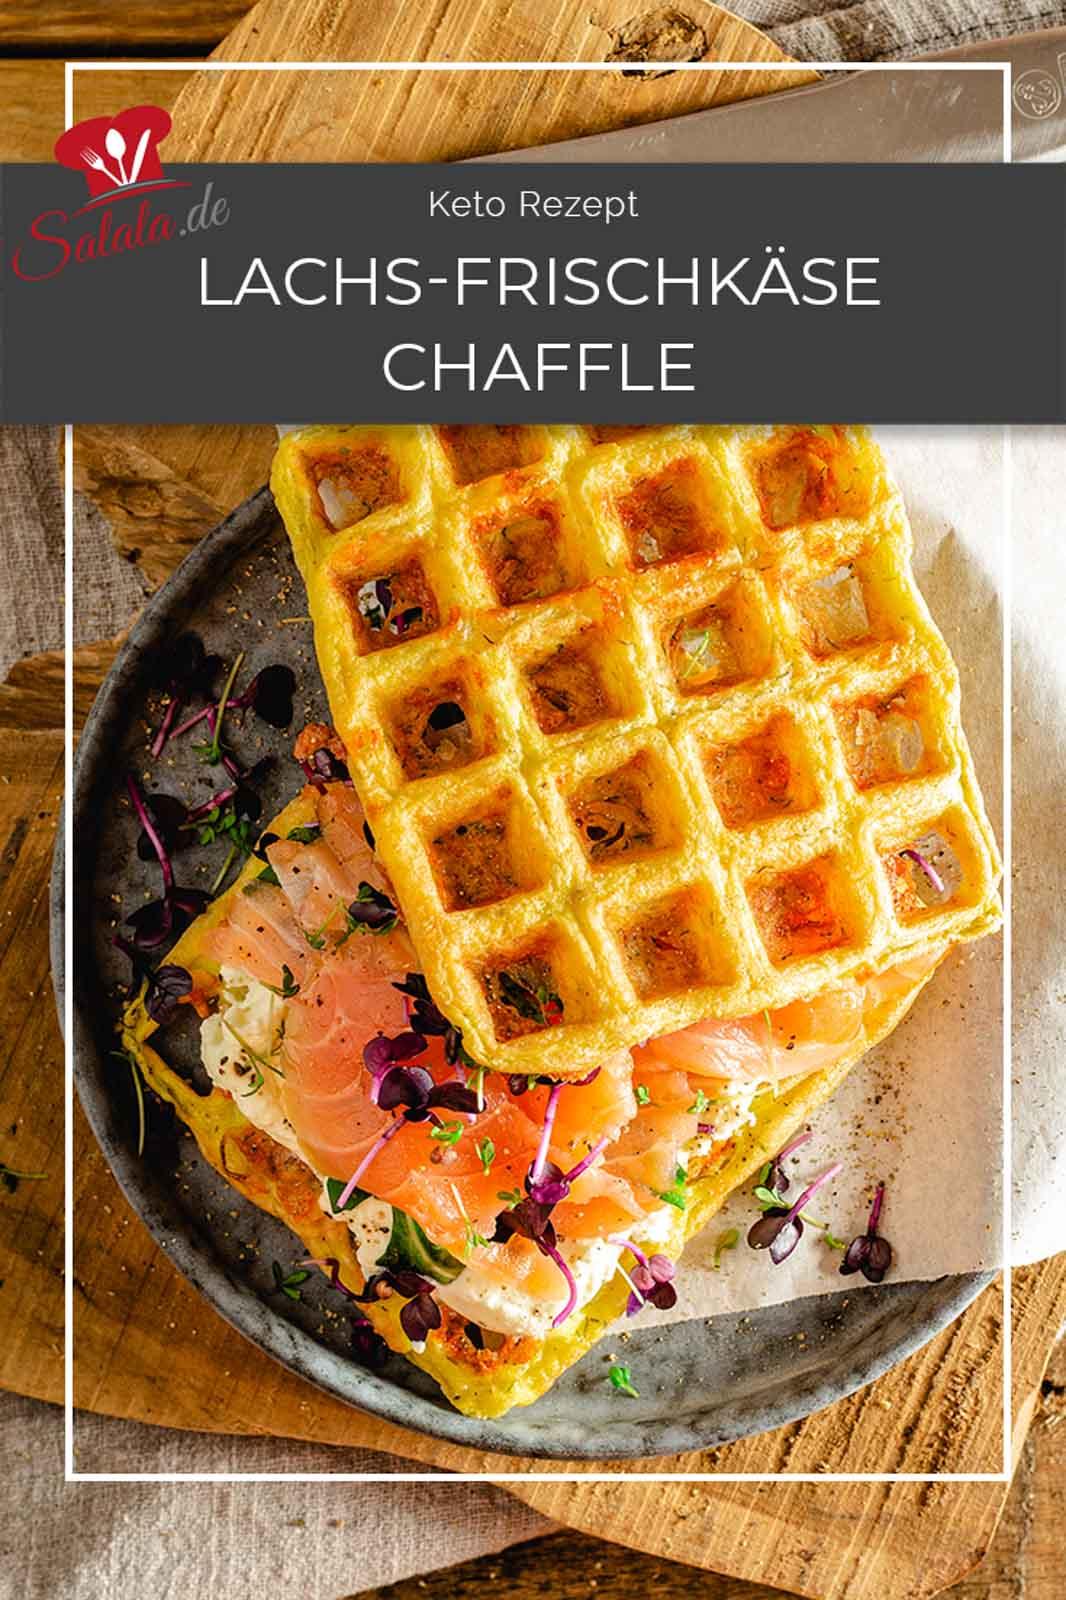 Chaffles sind ein Keto Suchtmittel. Das sind nämlich kohlenhydratarme Waffeln aus Ei und Mozzarella. Und die kannst du belegen wie du willst. Hier haben wir einfach Frischkäse und Lachs genommen. Schmeckt super lecker. Auch als Mittagessen für in der Arbeit als Low Carb Brotersatz. #KetoMittagessen #Ketorezepte #LowCarbRezepte #KetoChaffle #Chaffle #KetoWaffel